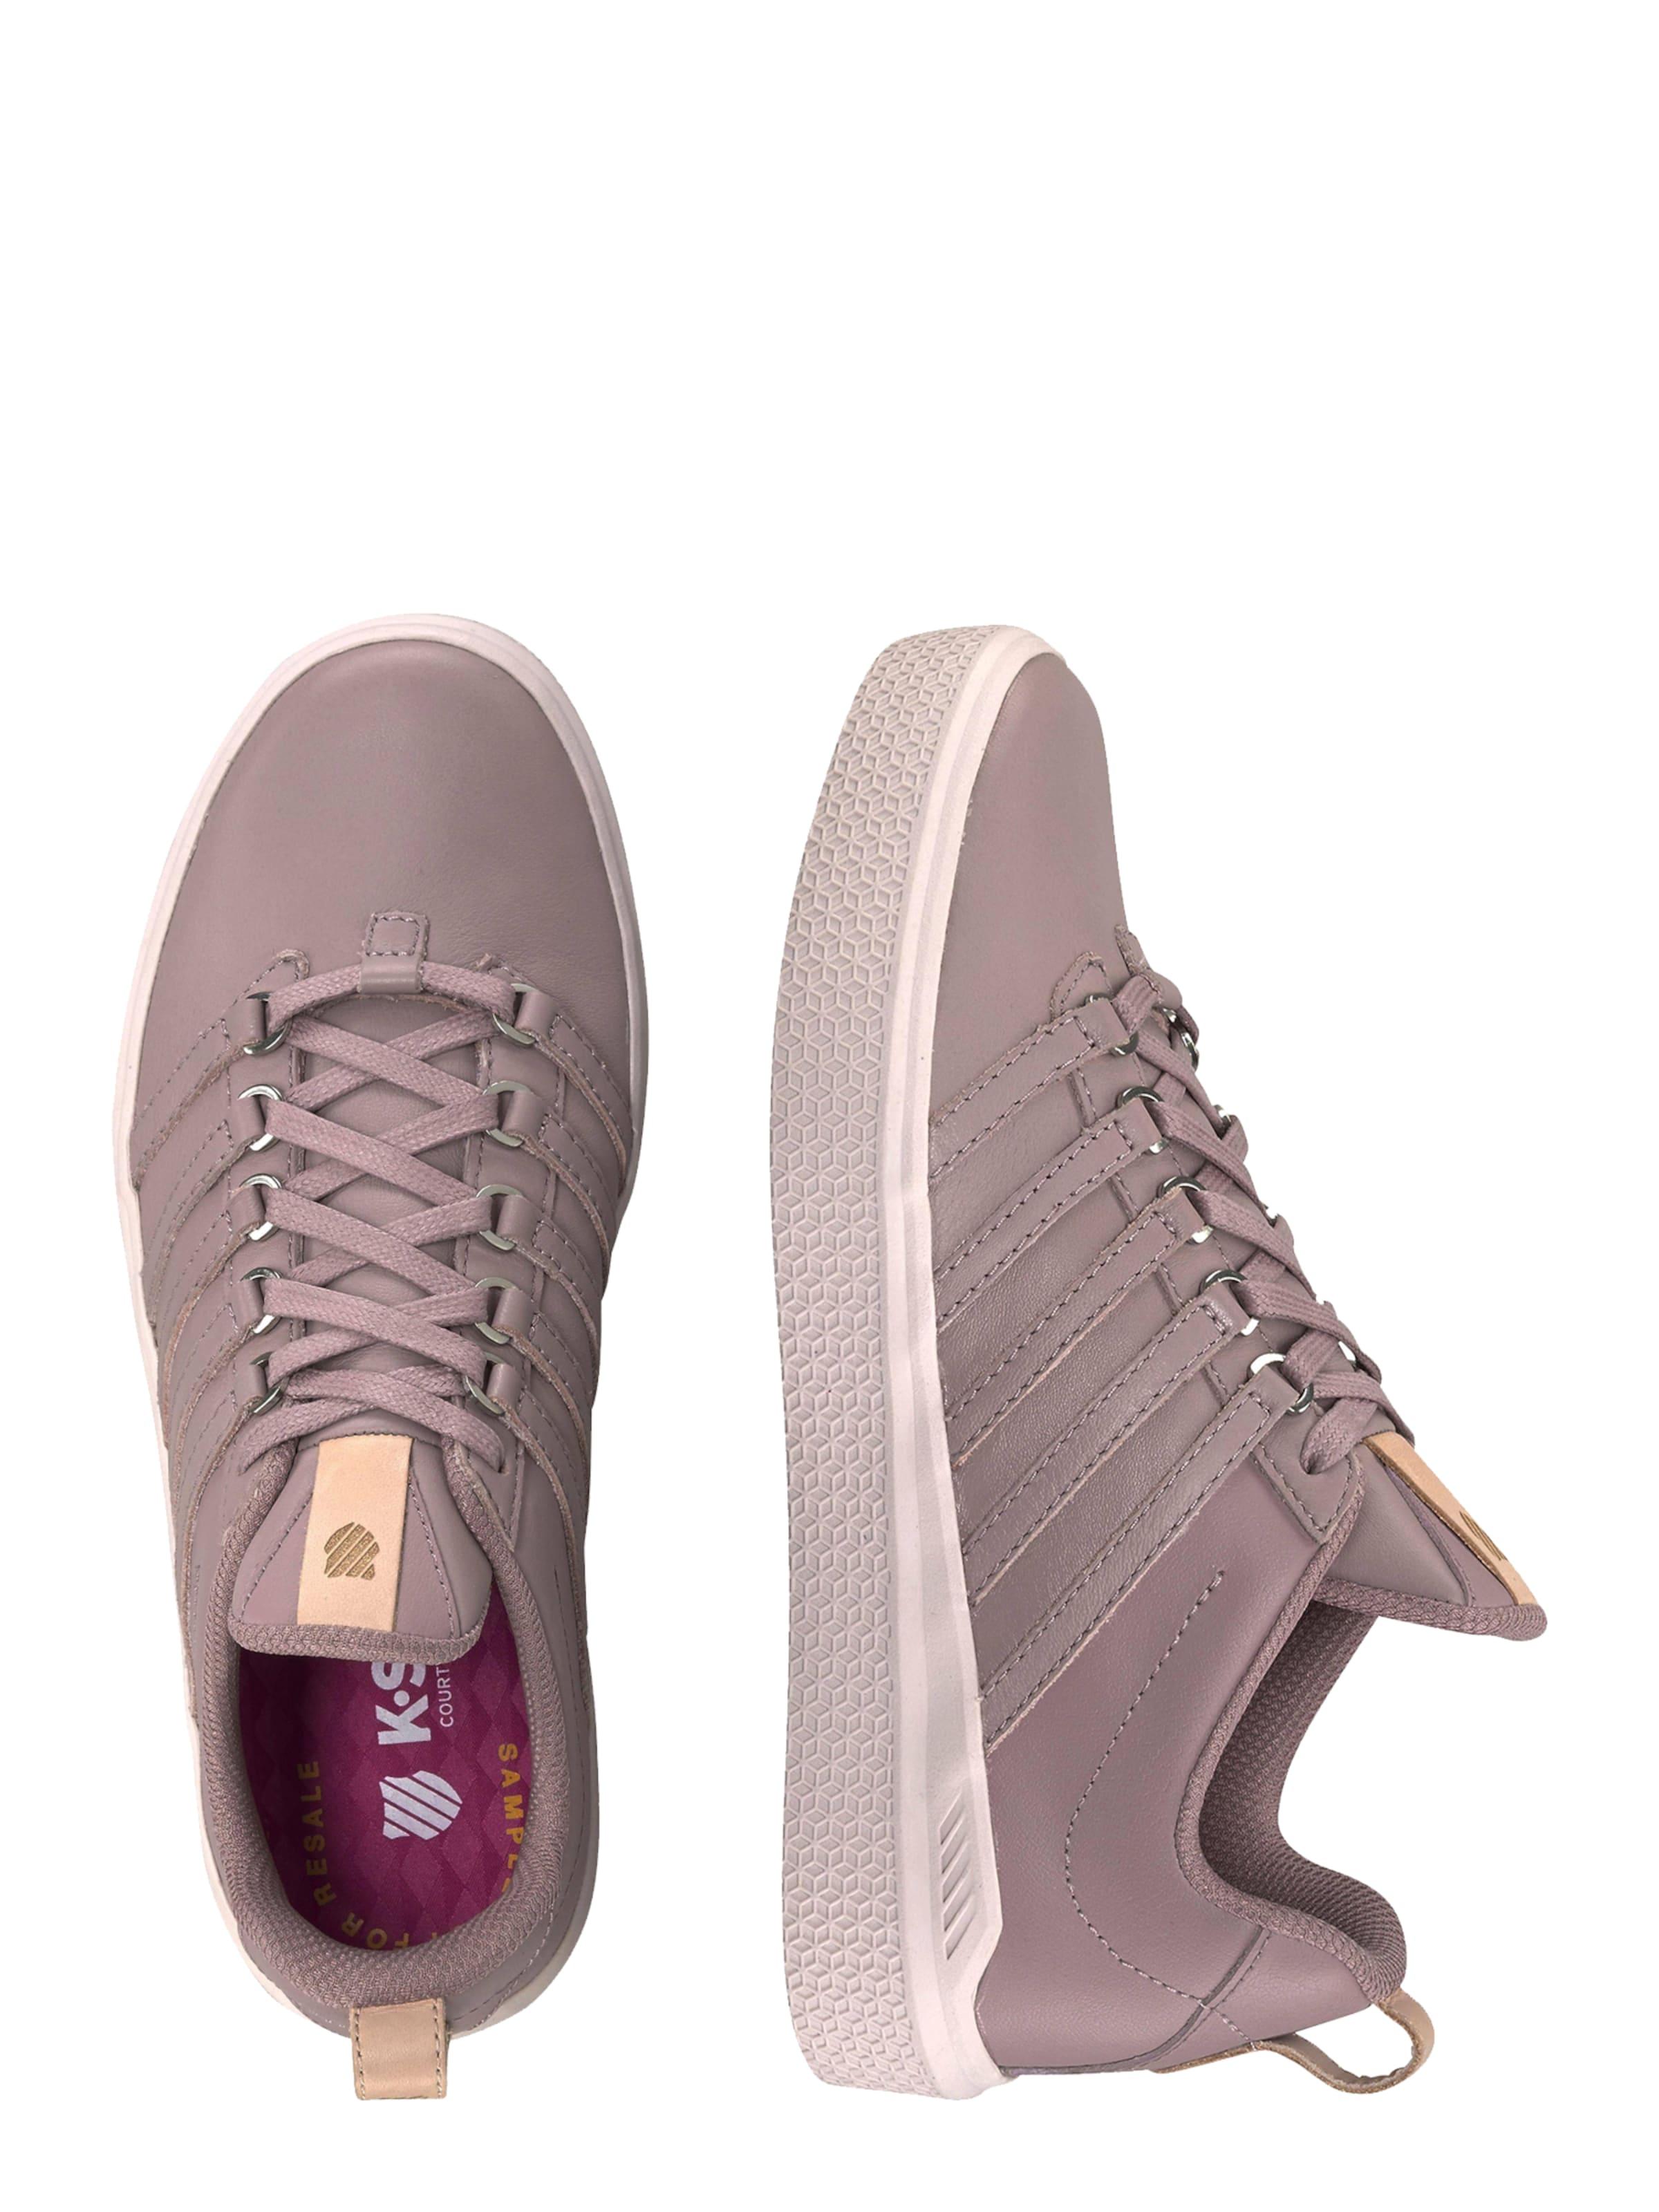 K-SWISS Sneaker 'Donavan' Bester Verkauf Verkauf Online Preiswerte Art Und Stil Ejcuu